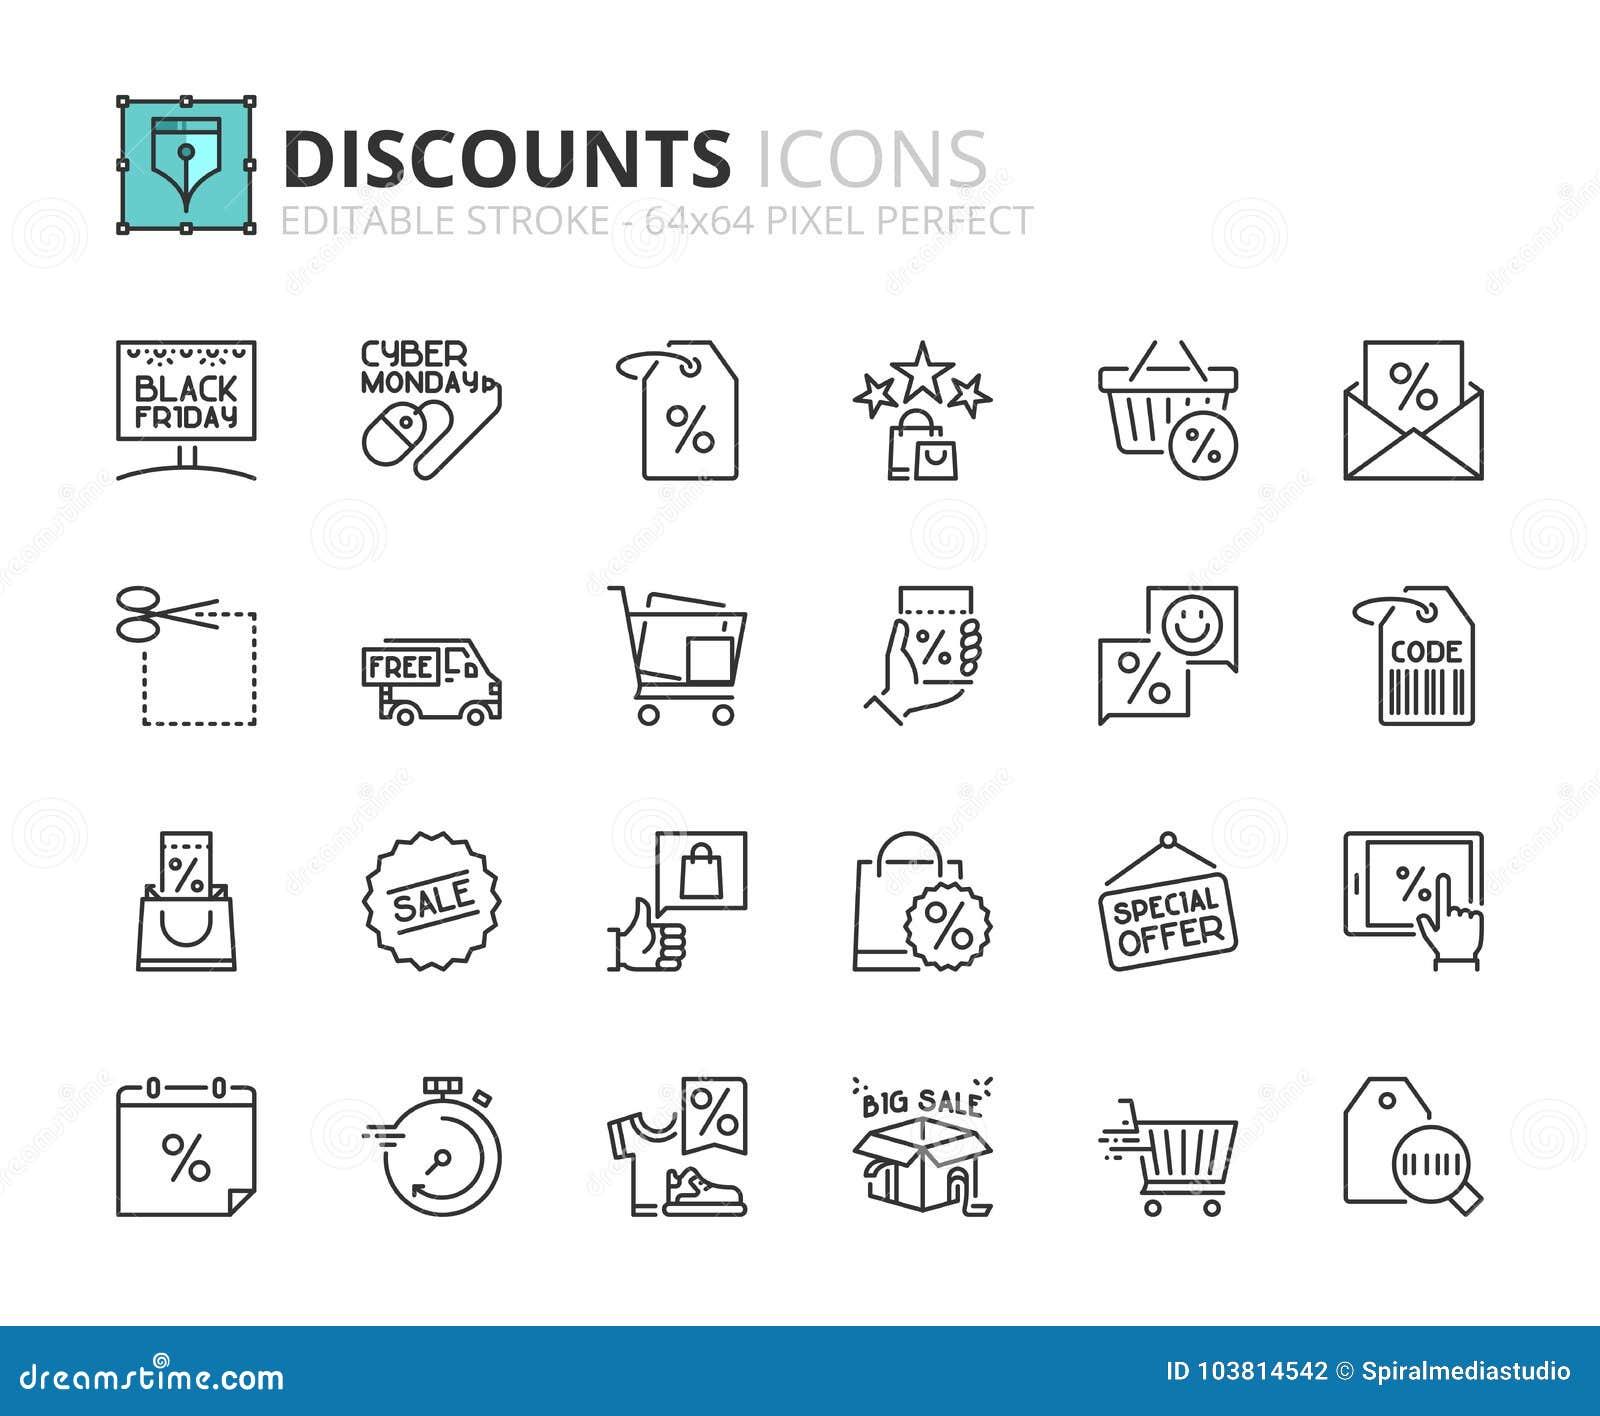 Iconos del esquema sobre descuentos